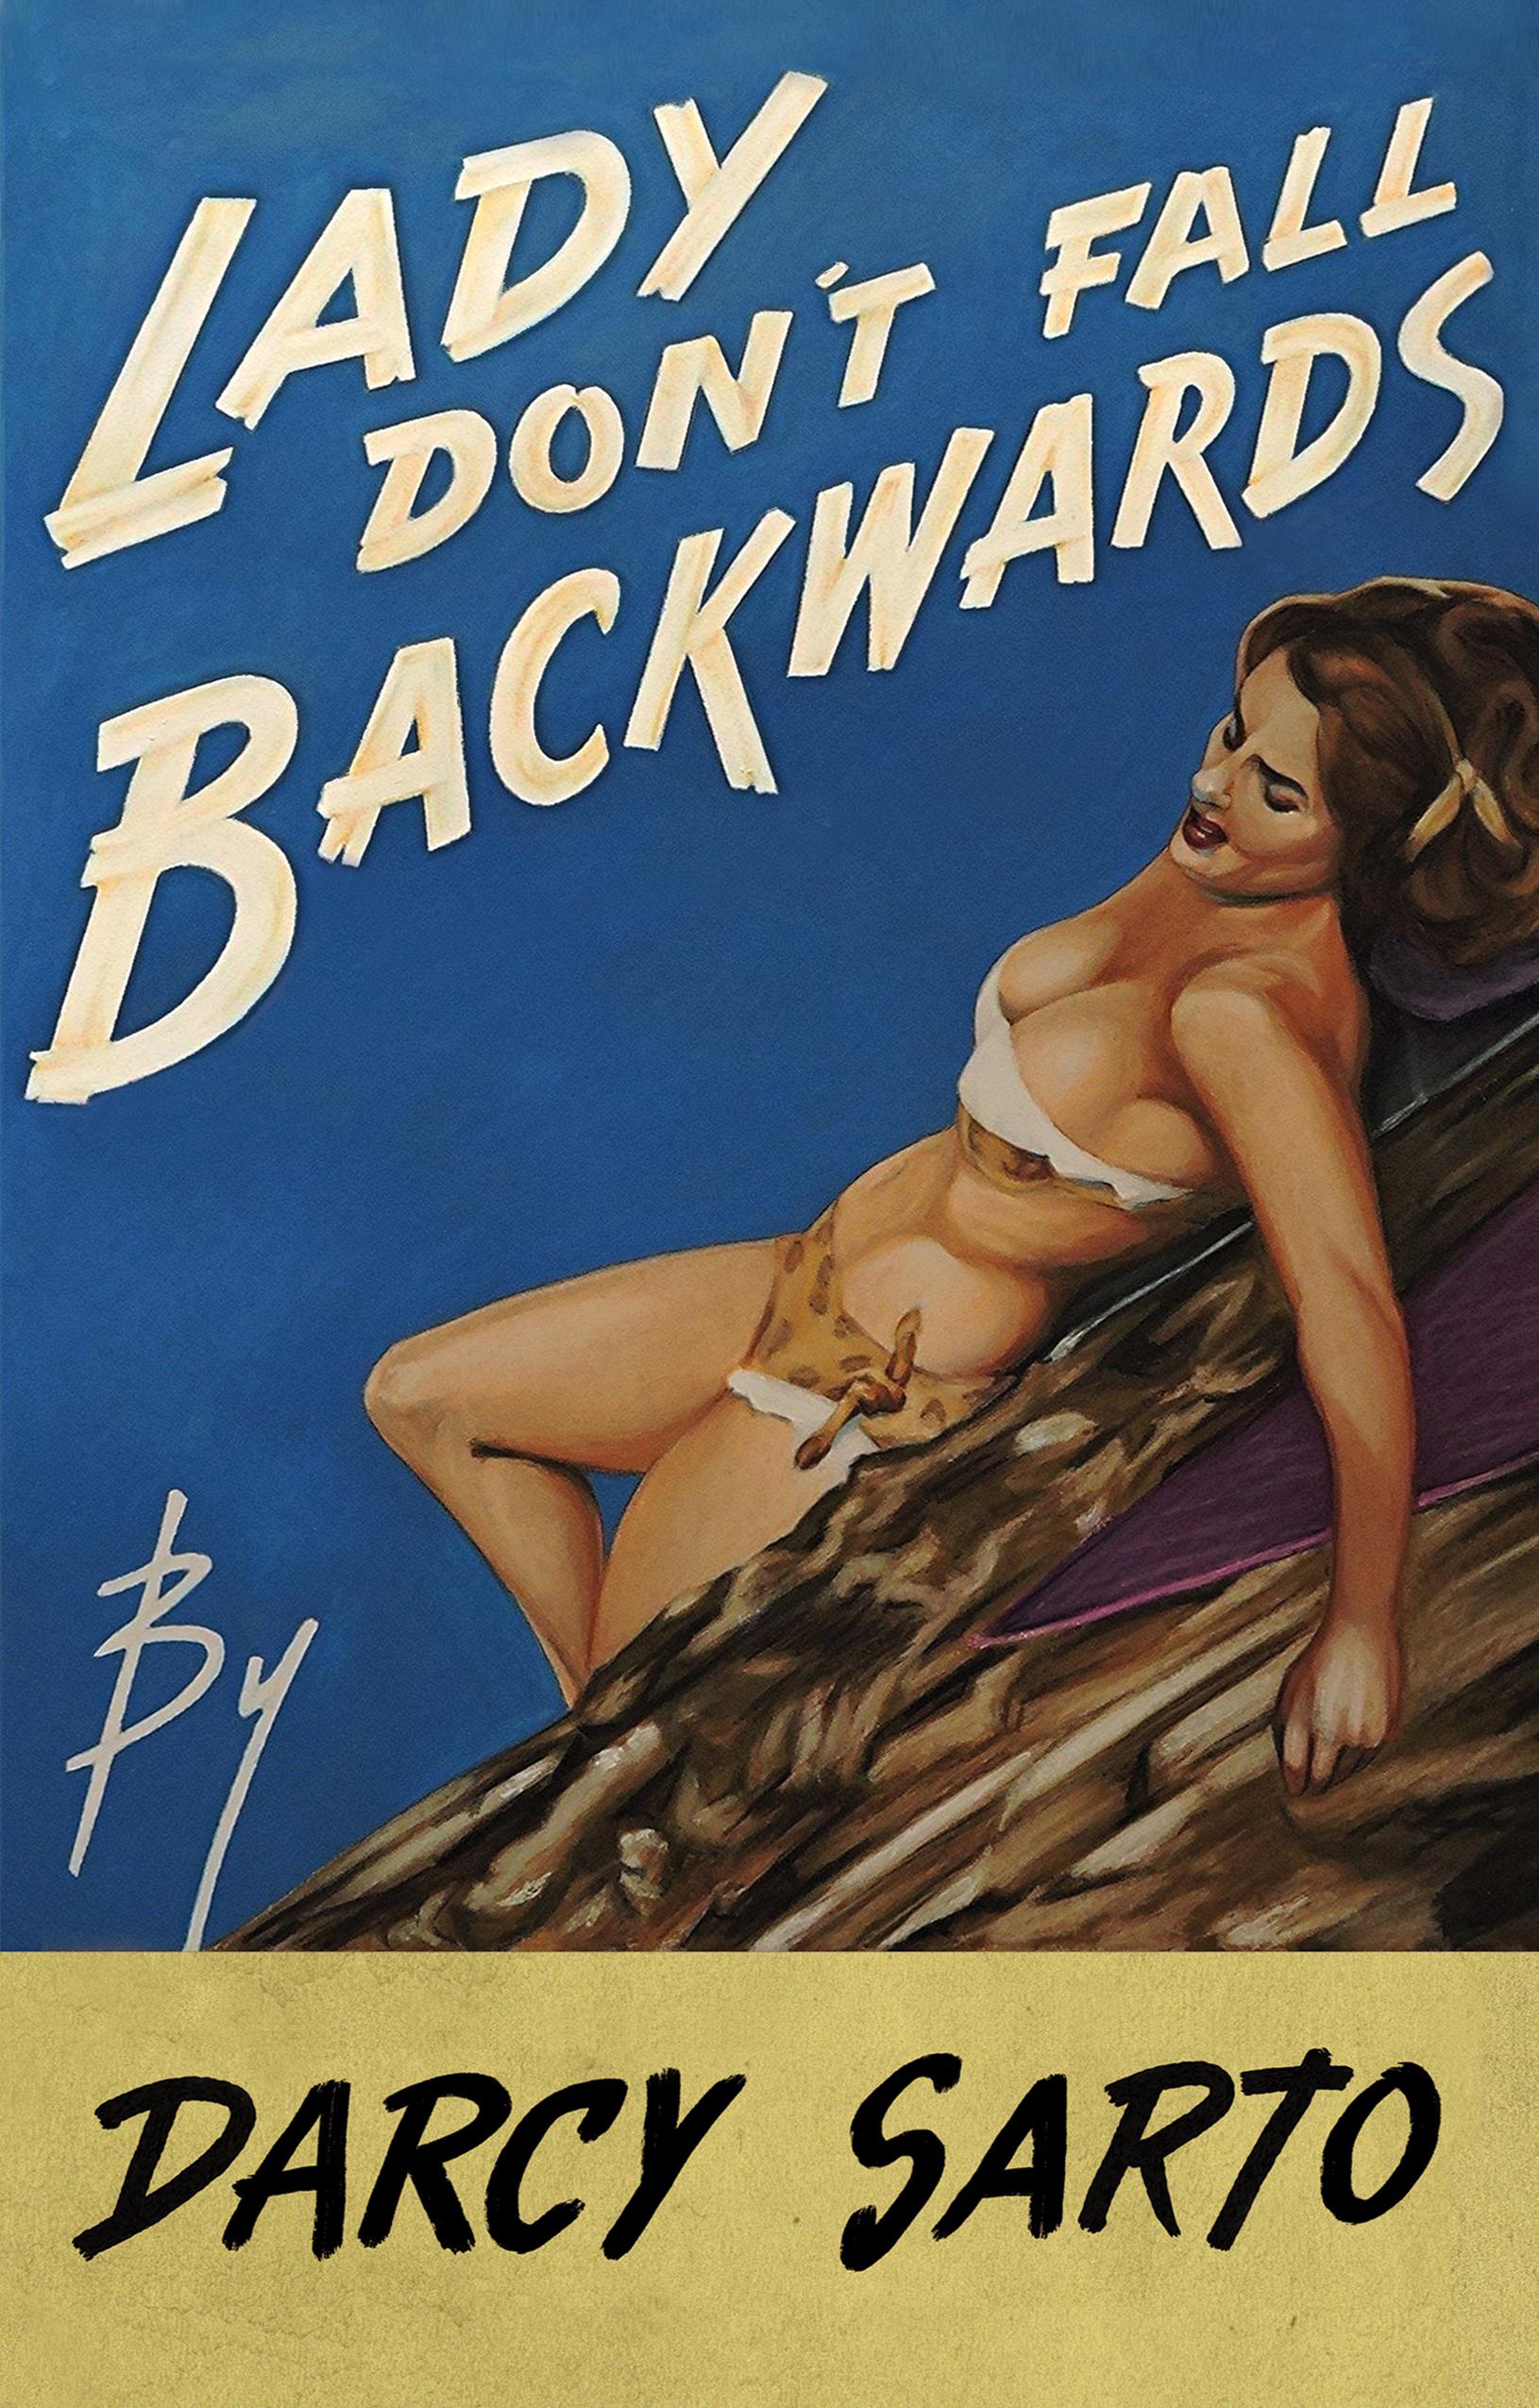 lady dont fall backwards darcy sarto